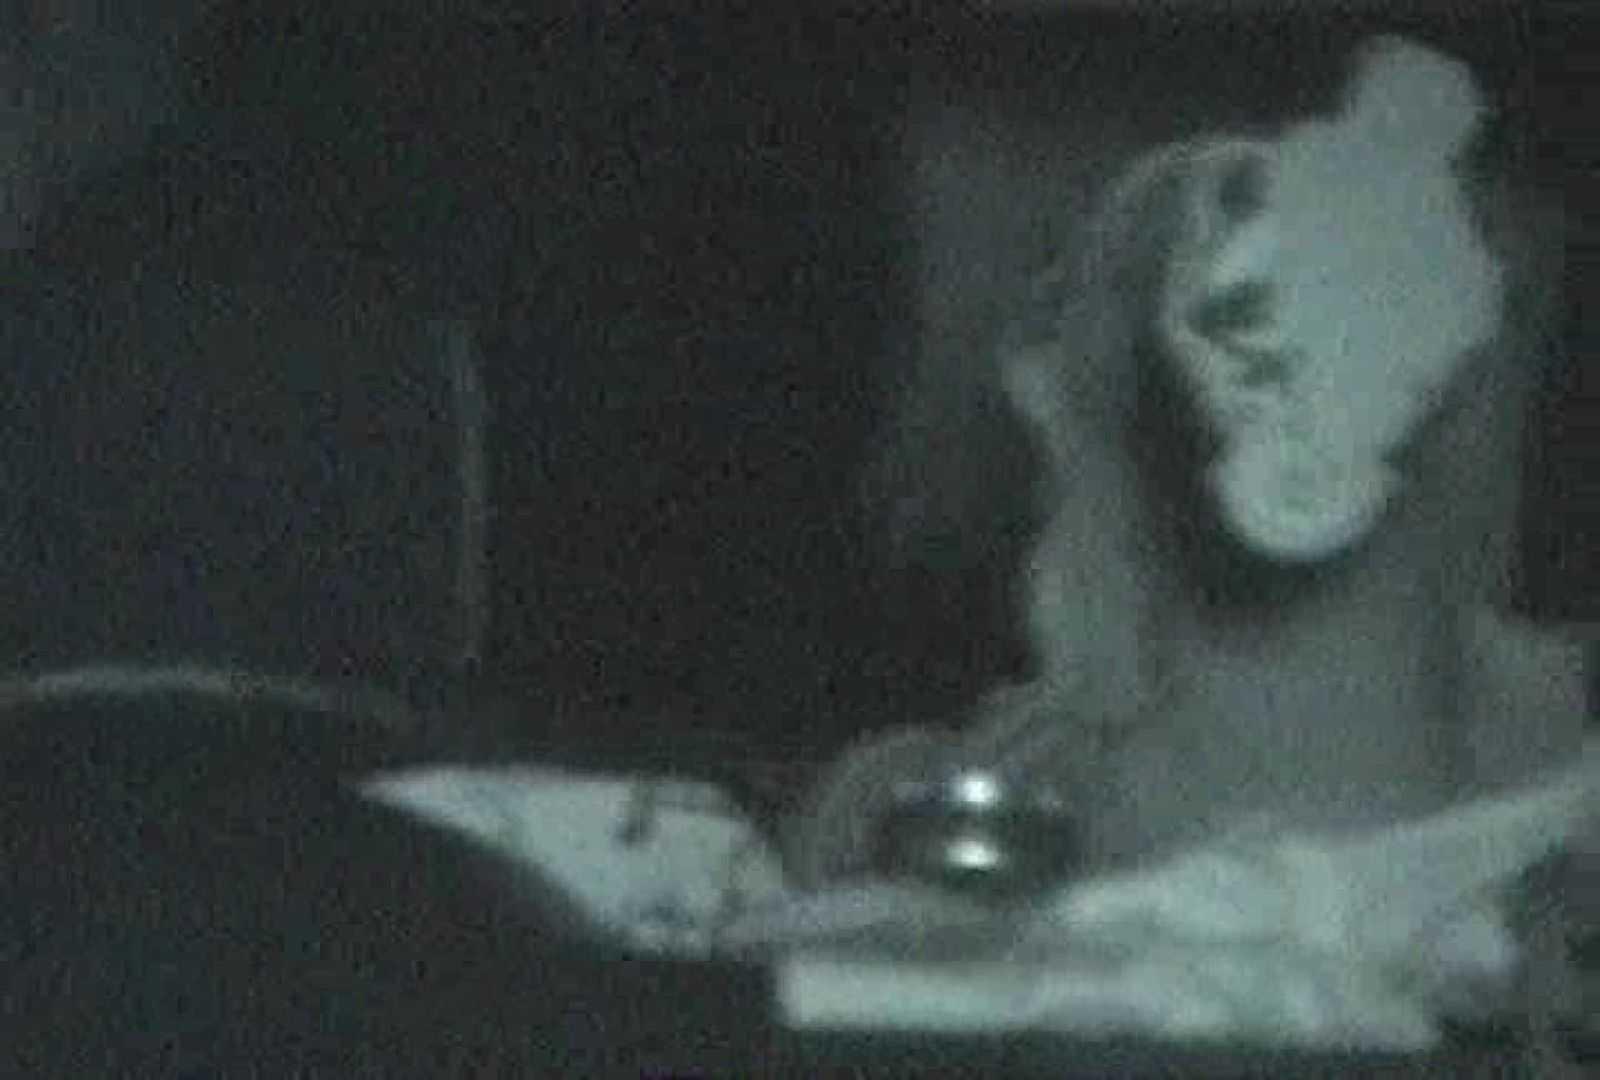 充血監督の深夜の運動会Vol.53 おまんこ セックス画像 97pic 79